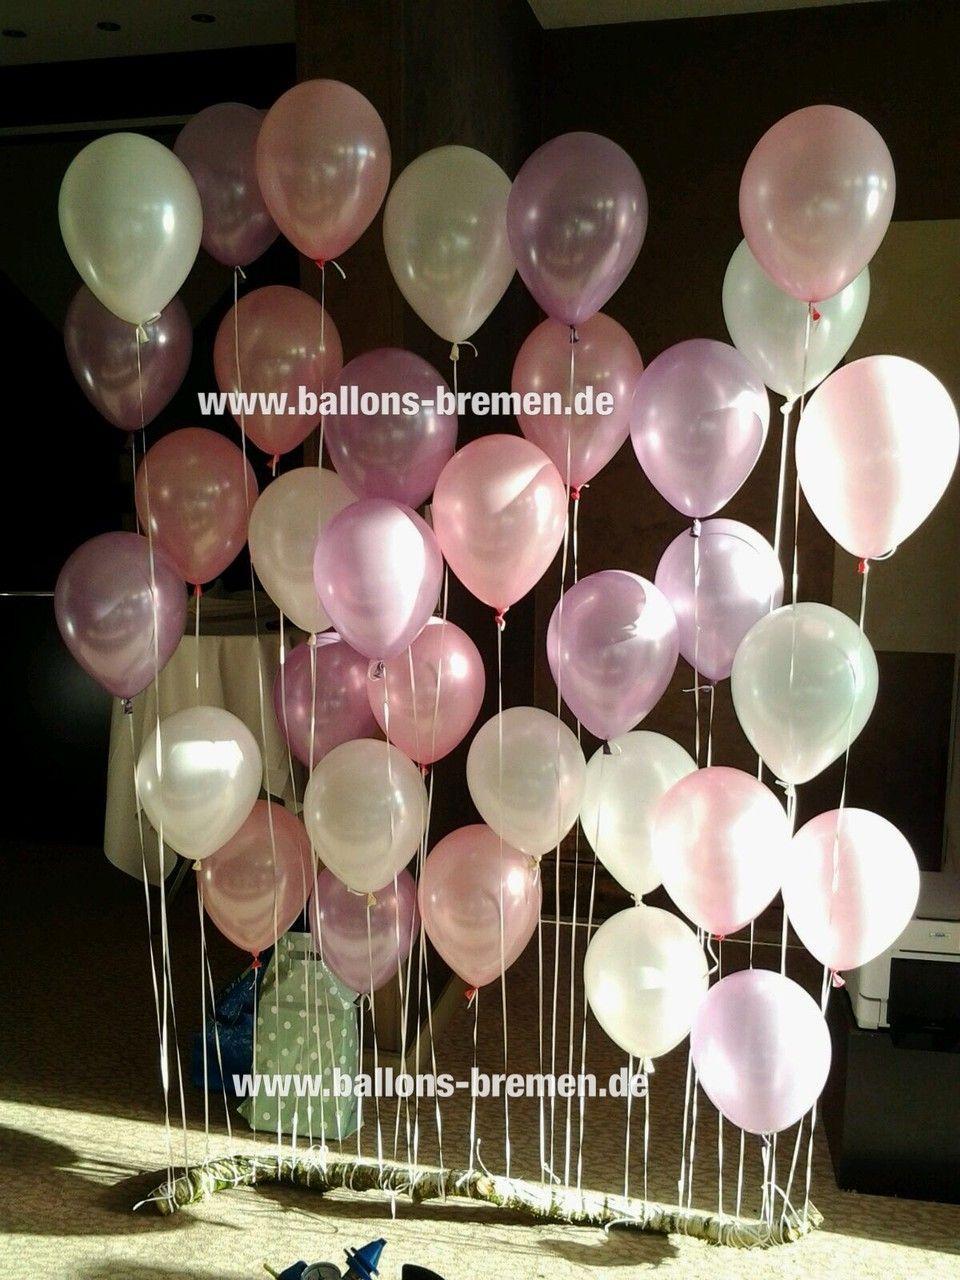 - das Original von Pinterest (nur Material) Fotohintergrund  für Hochzeit aus Ballons / Photobackground wedding with balloonsFotohintergrund  für Hochzeit aus Ballons / Photobackground wedding with balloons